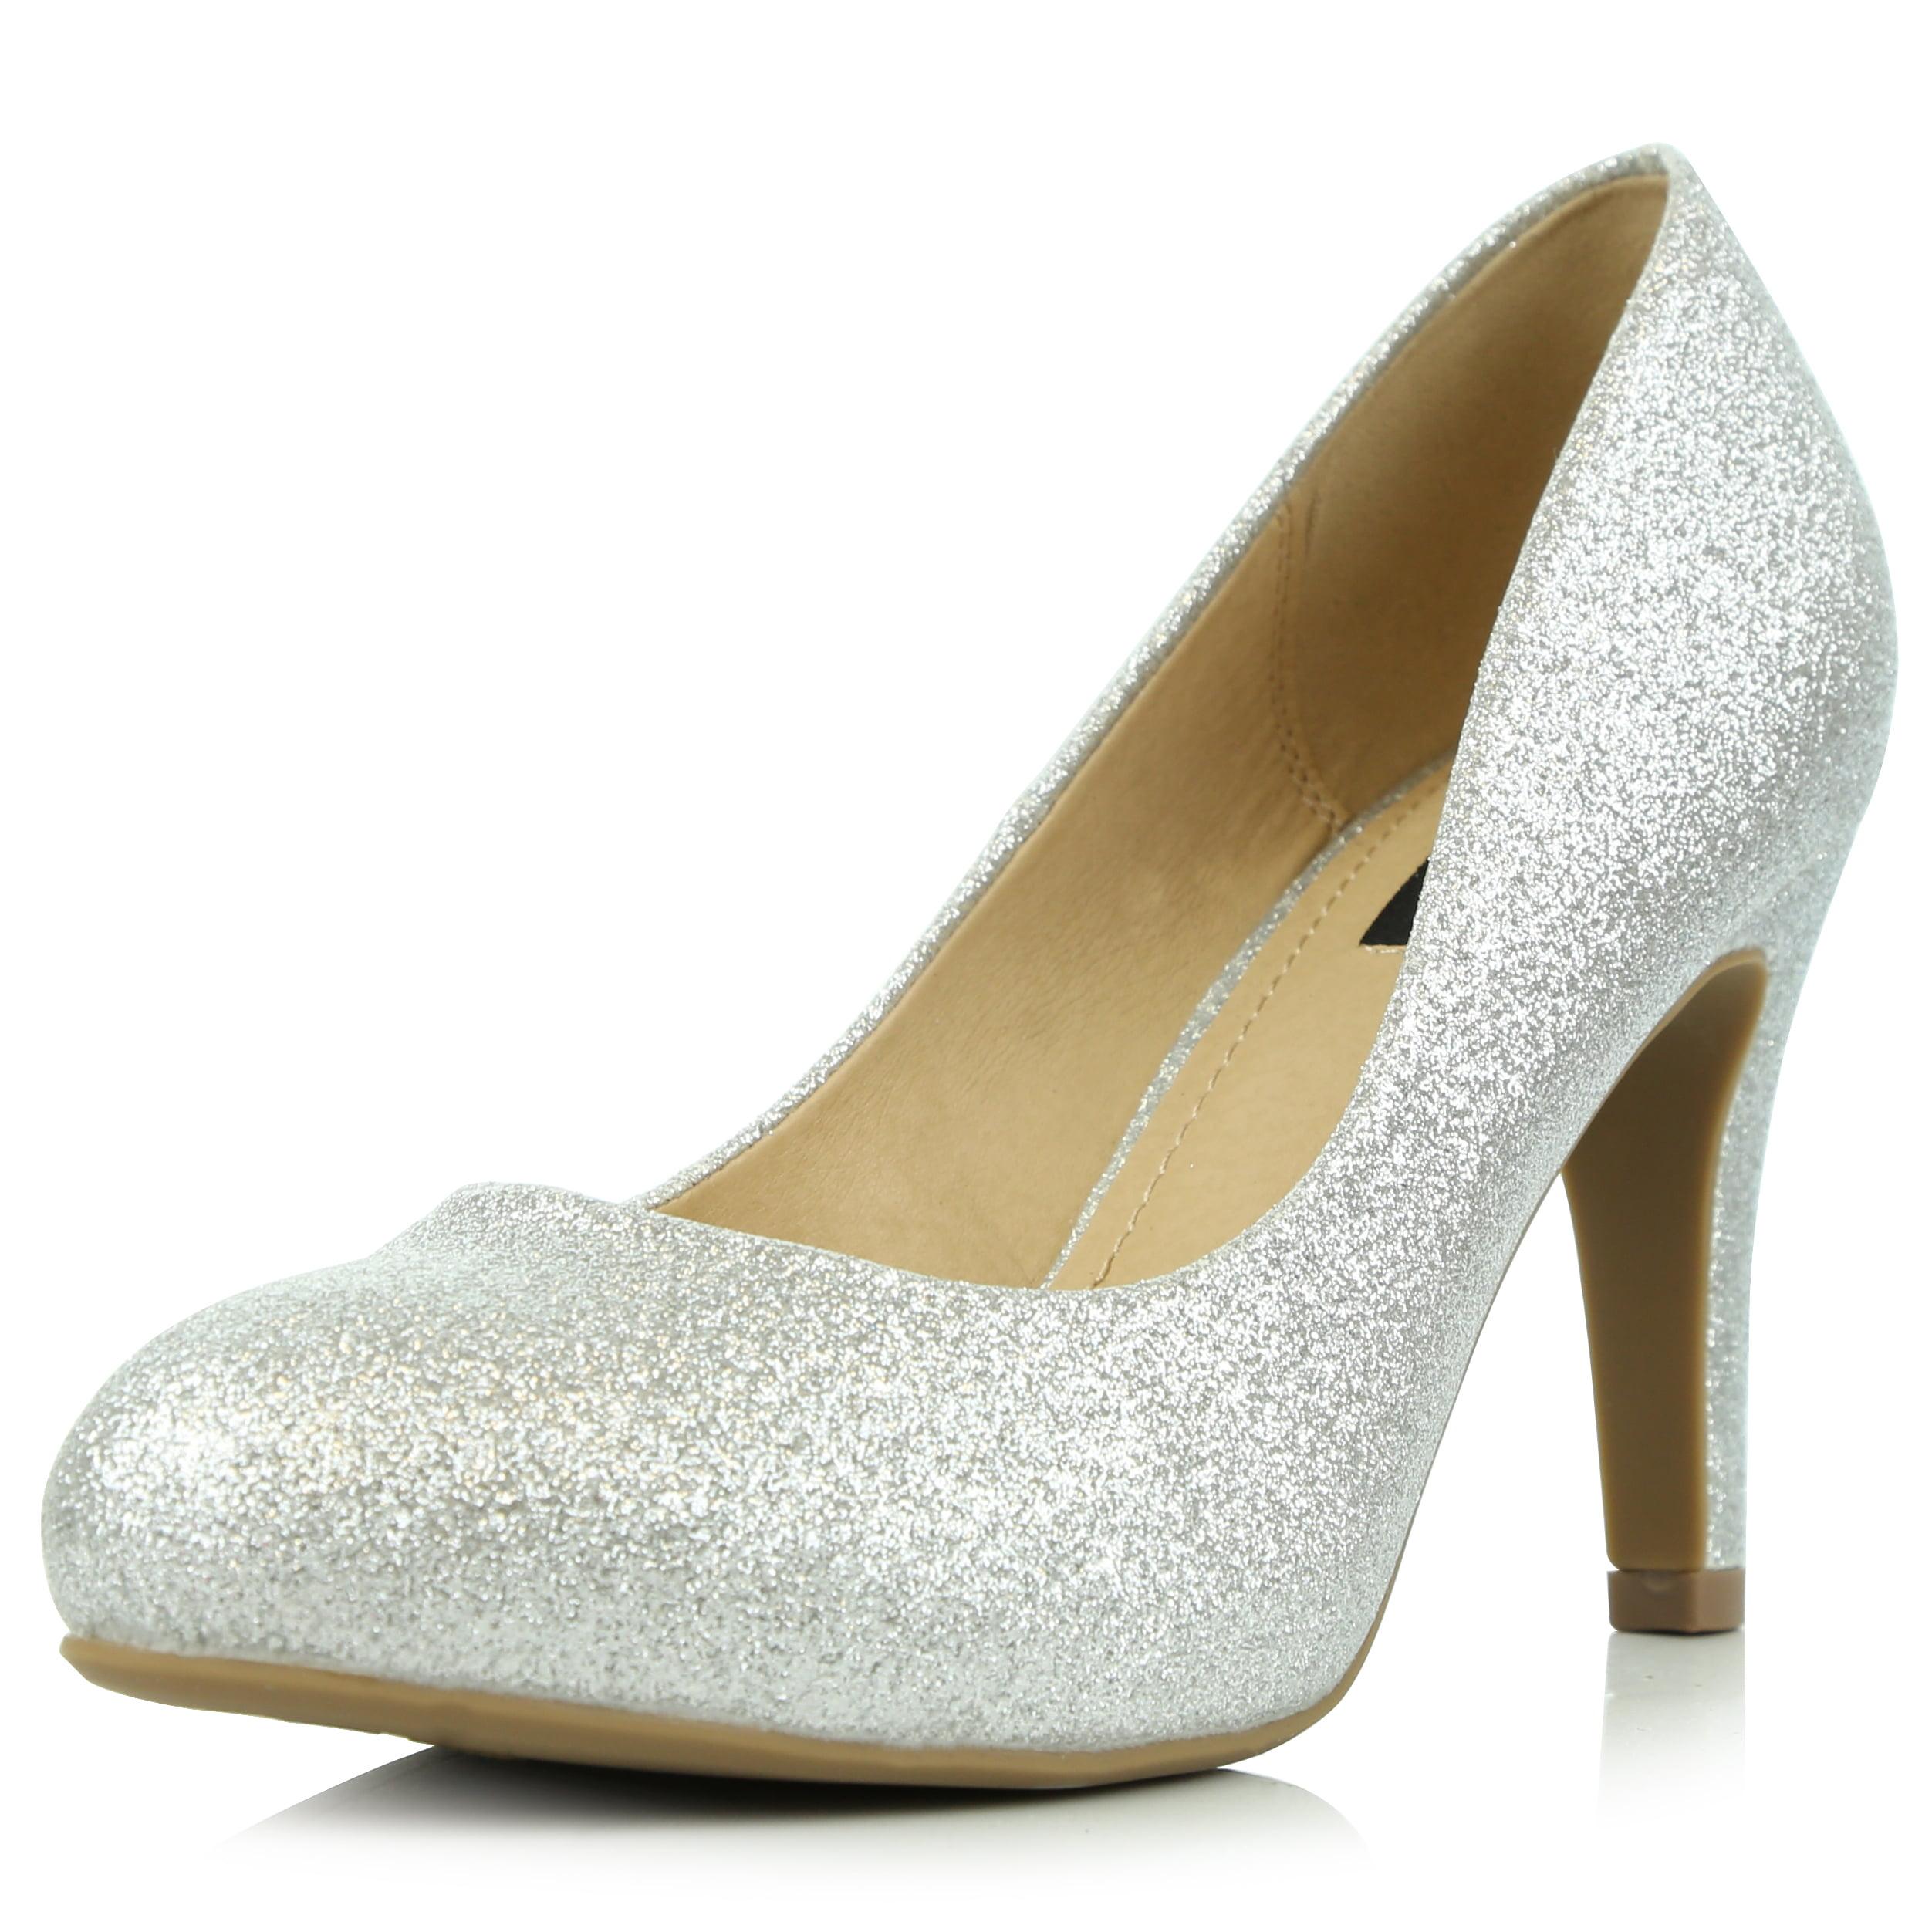 DailyShoes Women's Memory Foam Cushion